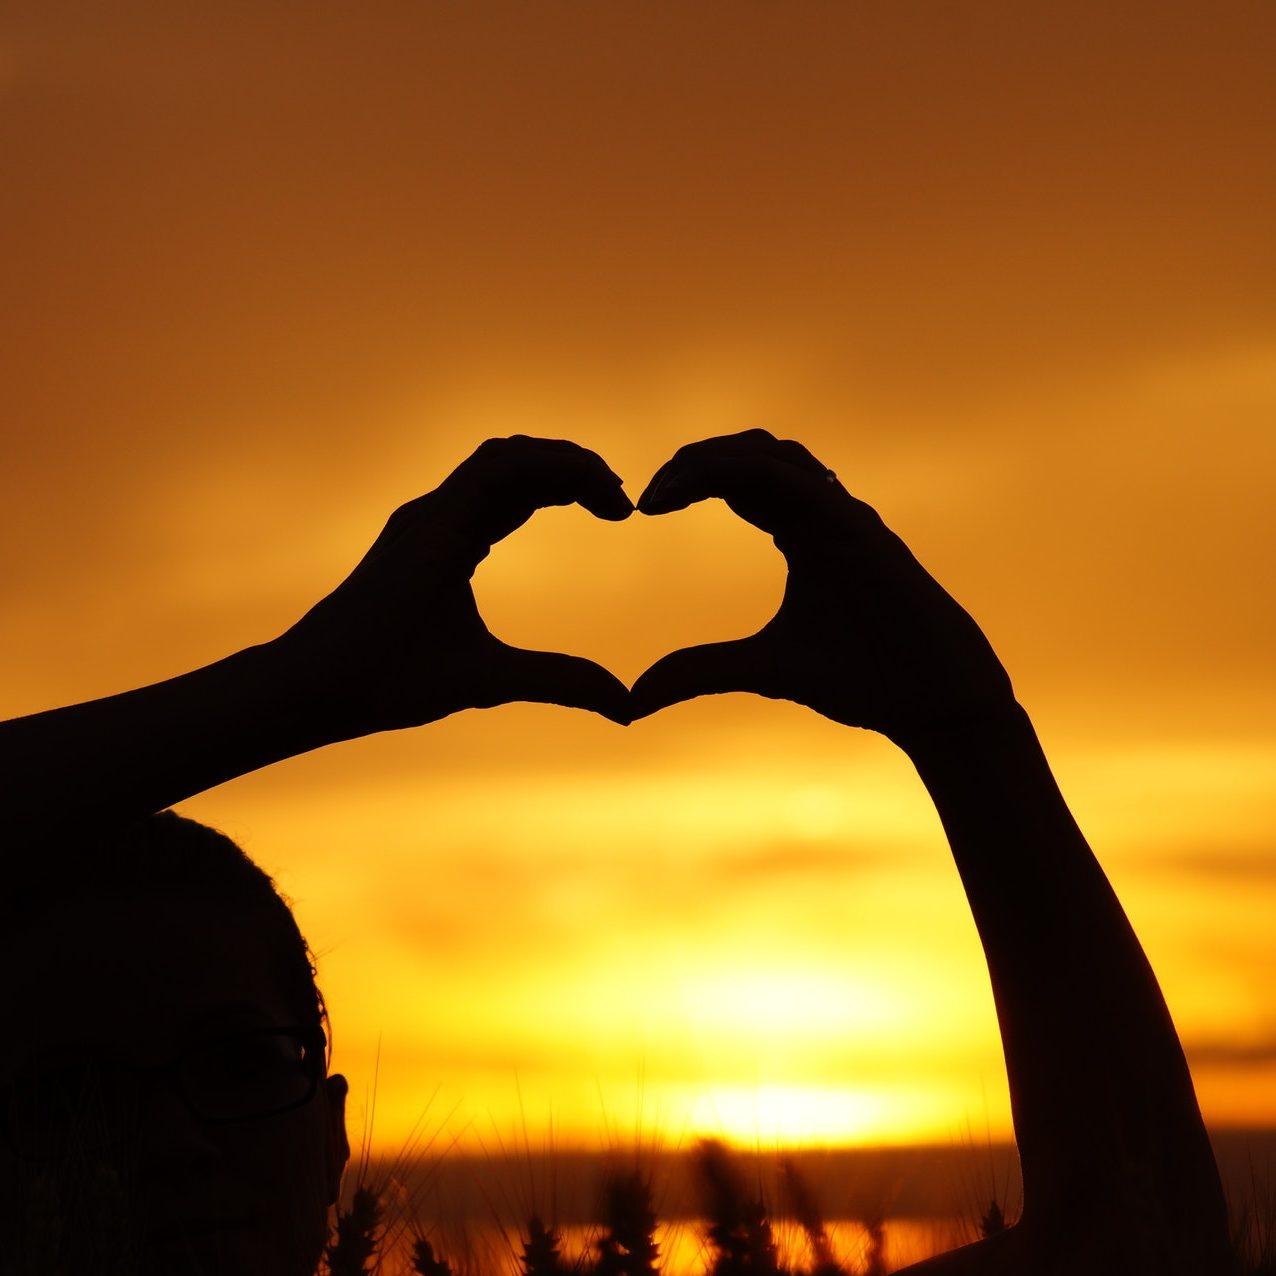 Manos crando la forma de un corazón enfrente de un atardecer